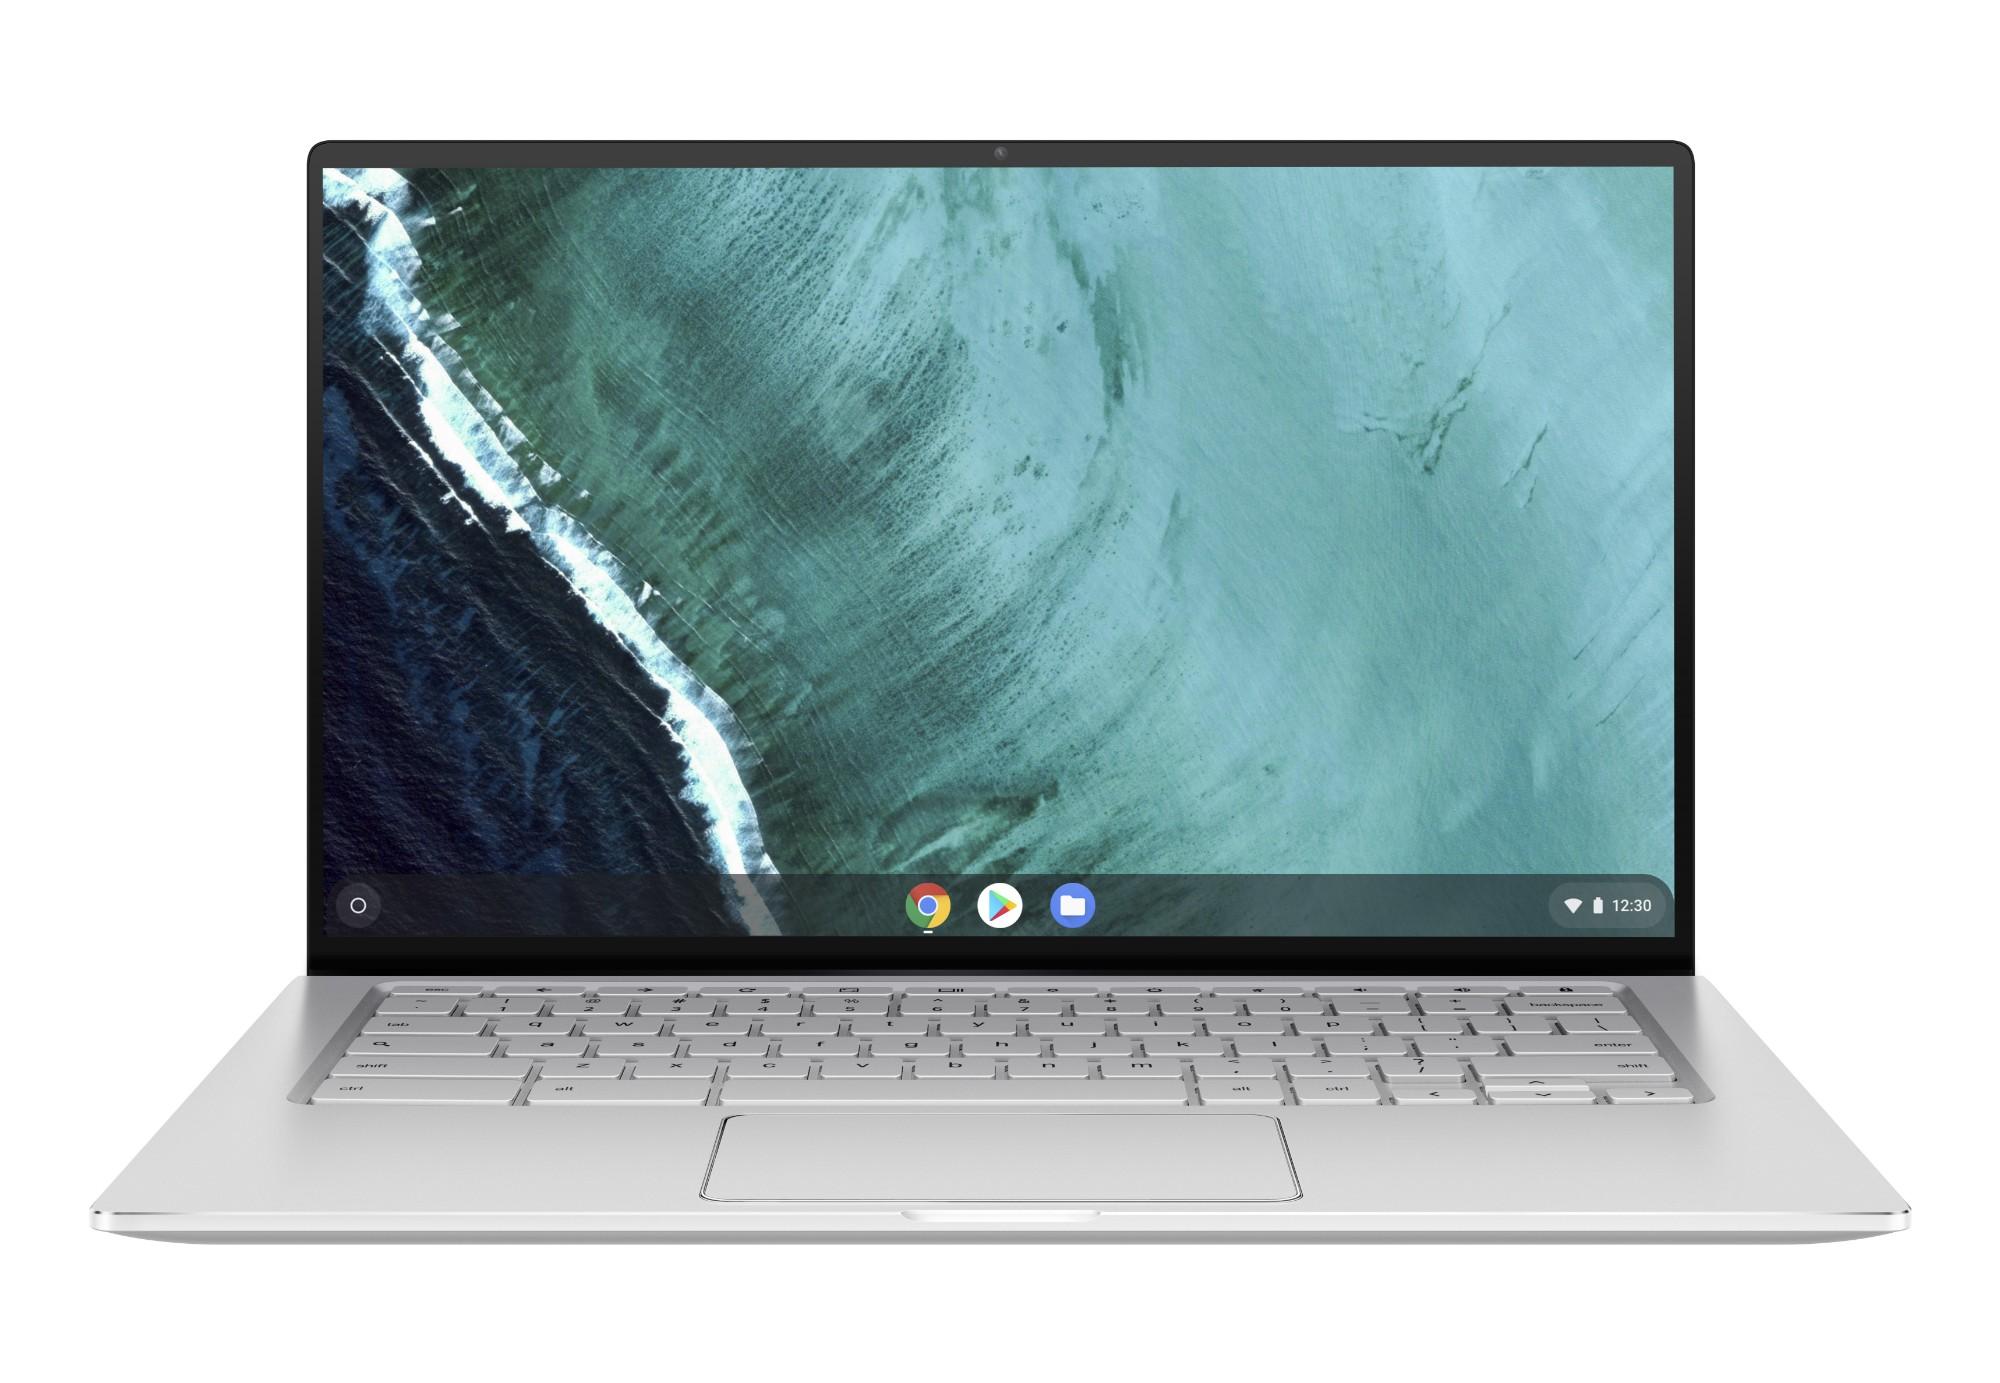 ASUS Chromebook Flip C434TA-AI0041 notebook 35.6 cm (14